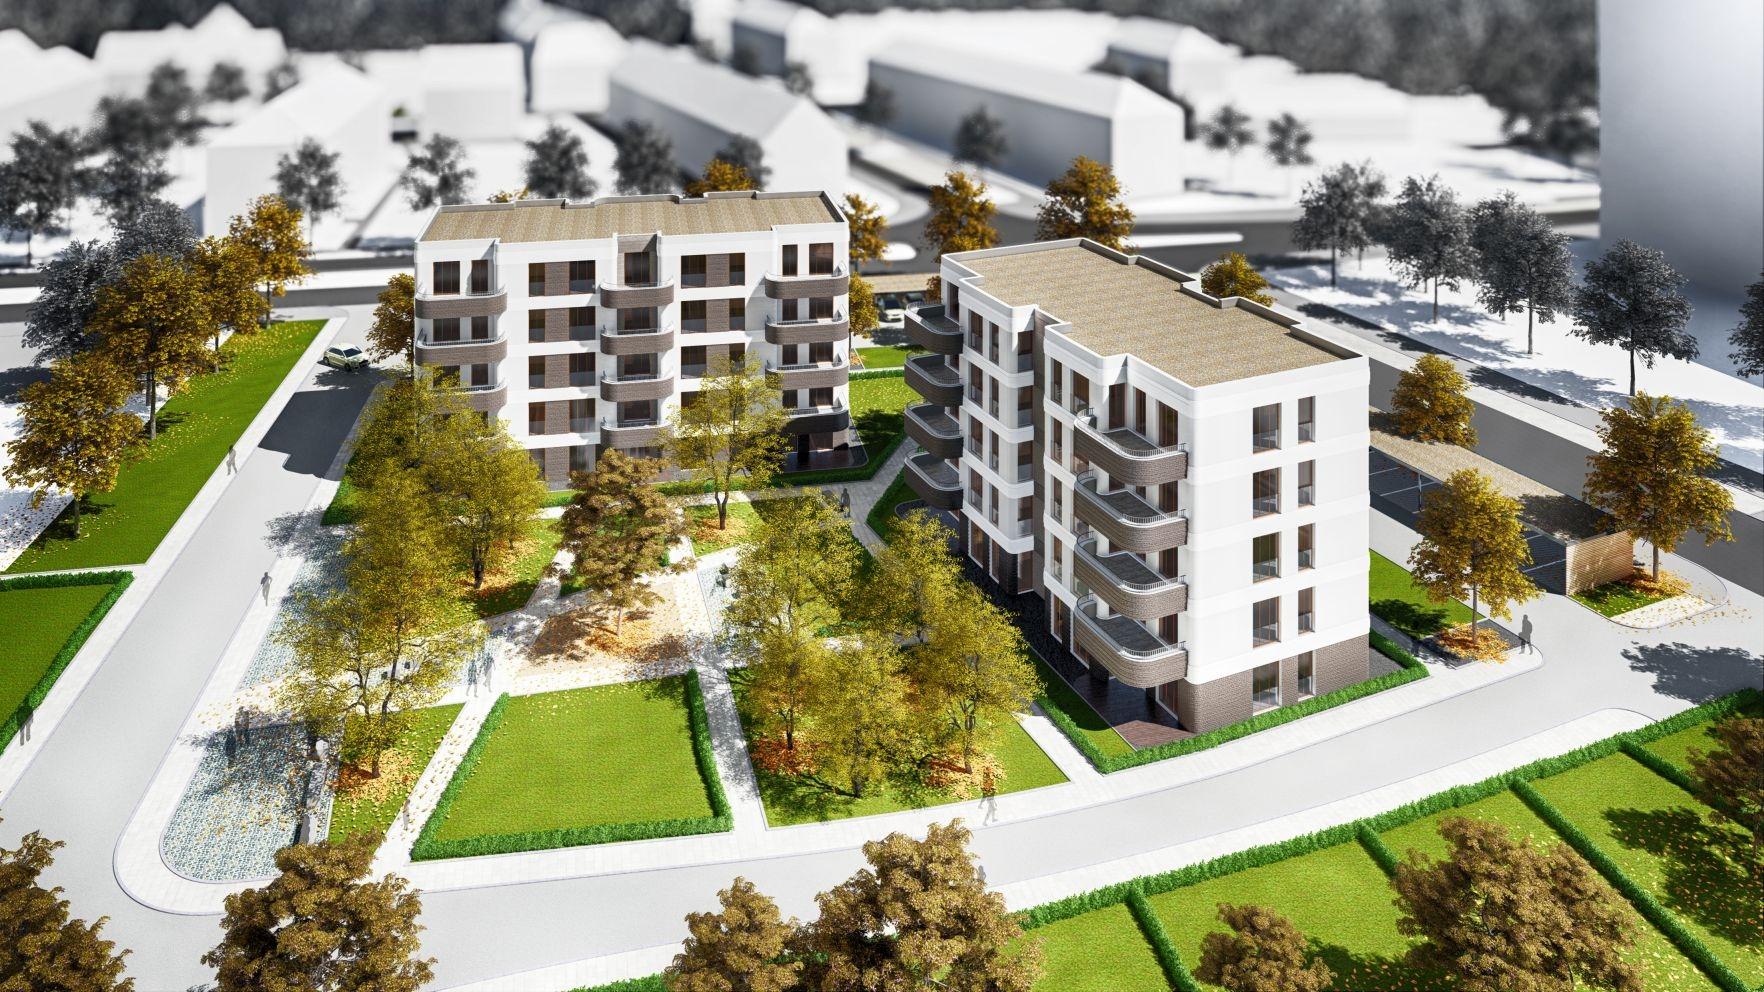 Neubau in Chemnitz-Gablenz: Ahornhöfe. Barrierefreier Aufzug ...